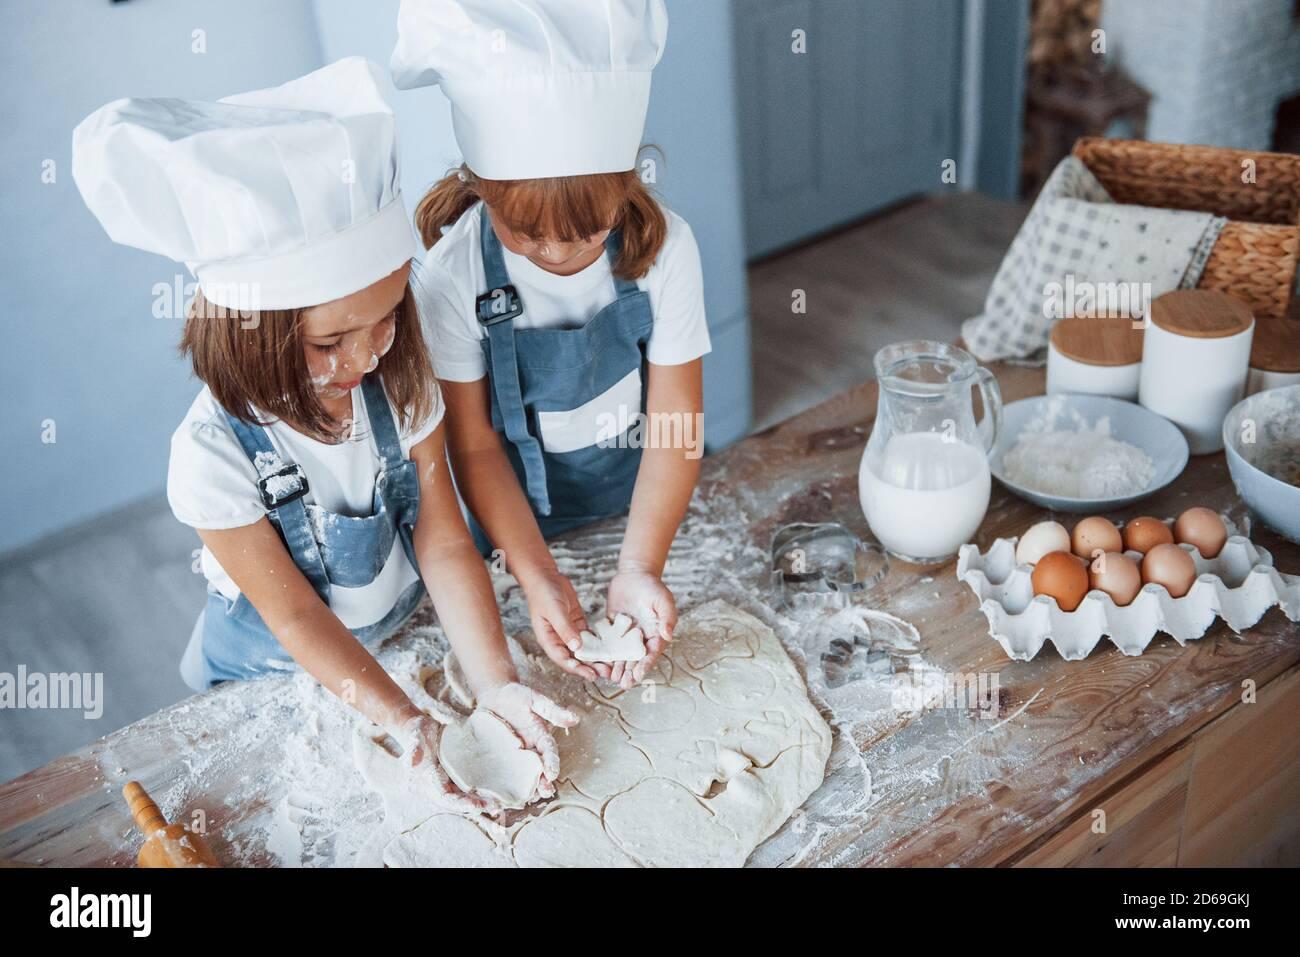 Concentrarse en cocinar. Los niños de la familia en el uniforme blanco del chef preparando la comida en la cocina Foto de stock